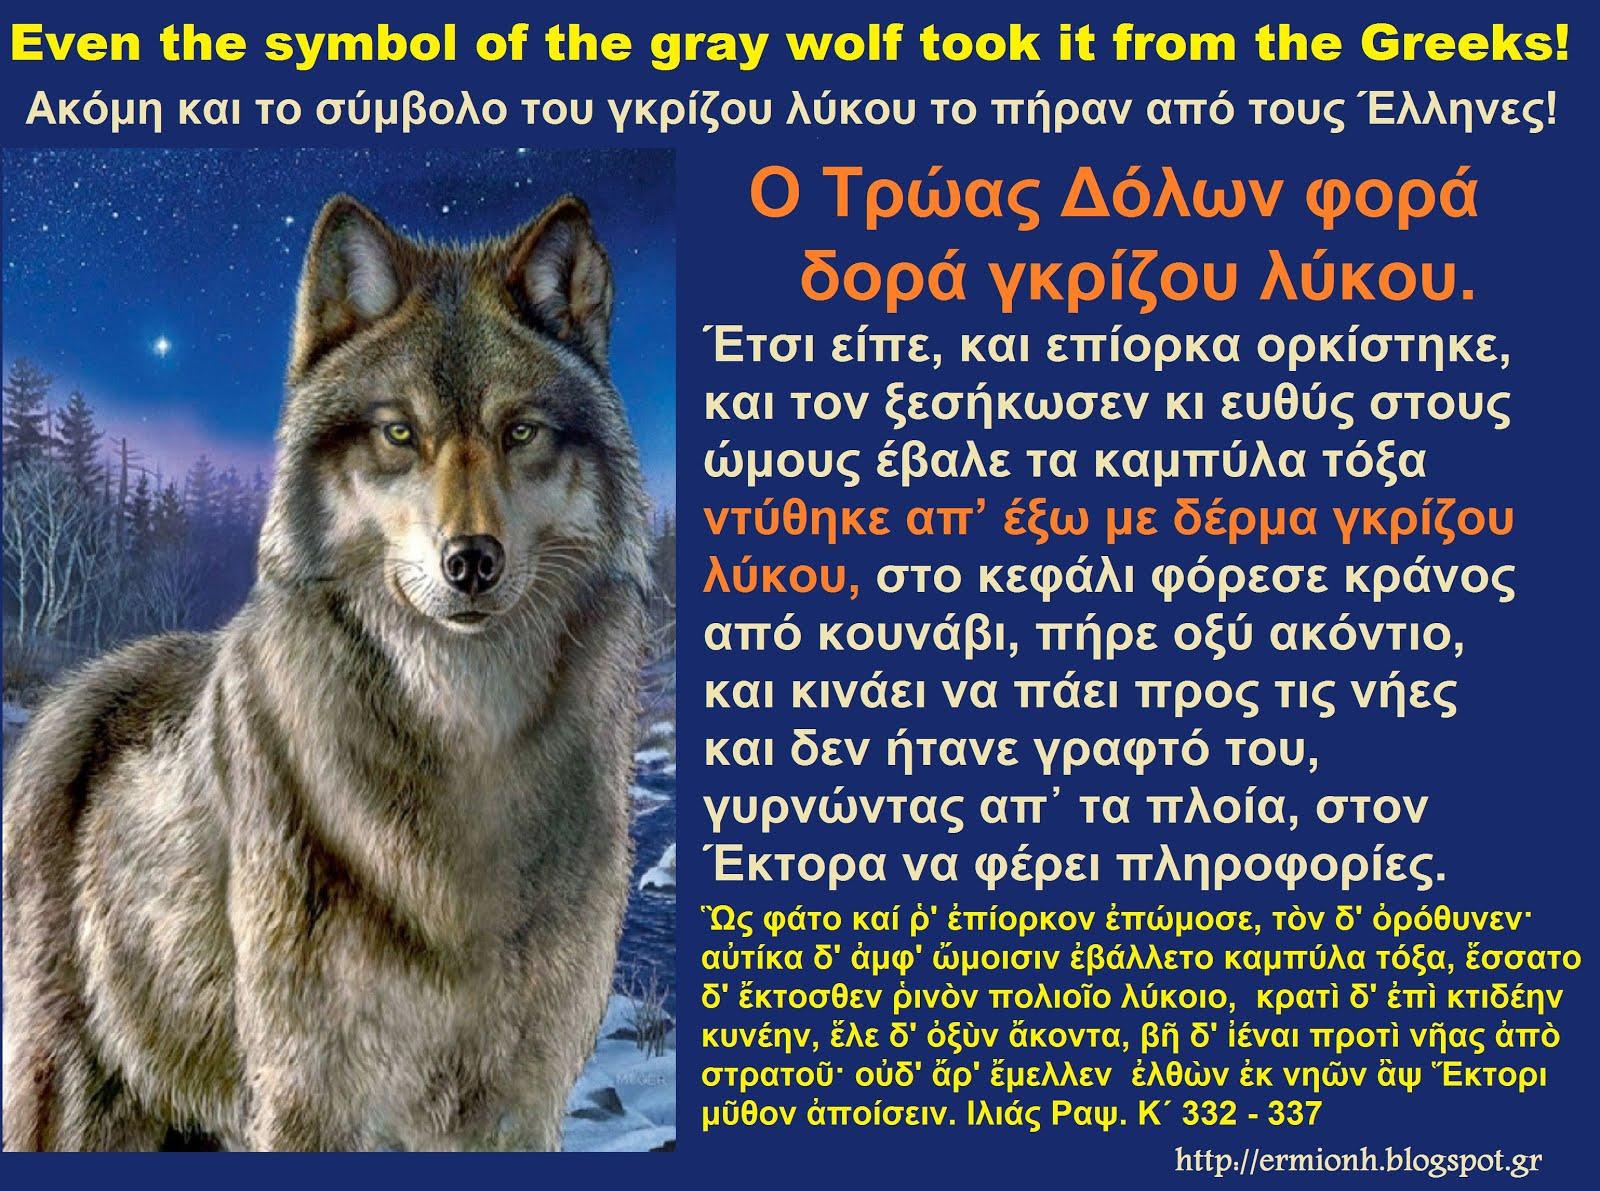 Ακόμη και το σύμβολο του γκρίζου λύκου το πήραν από τους Έλληνες!